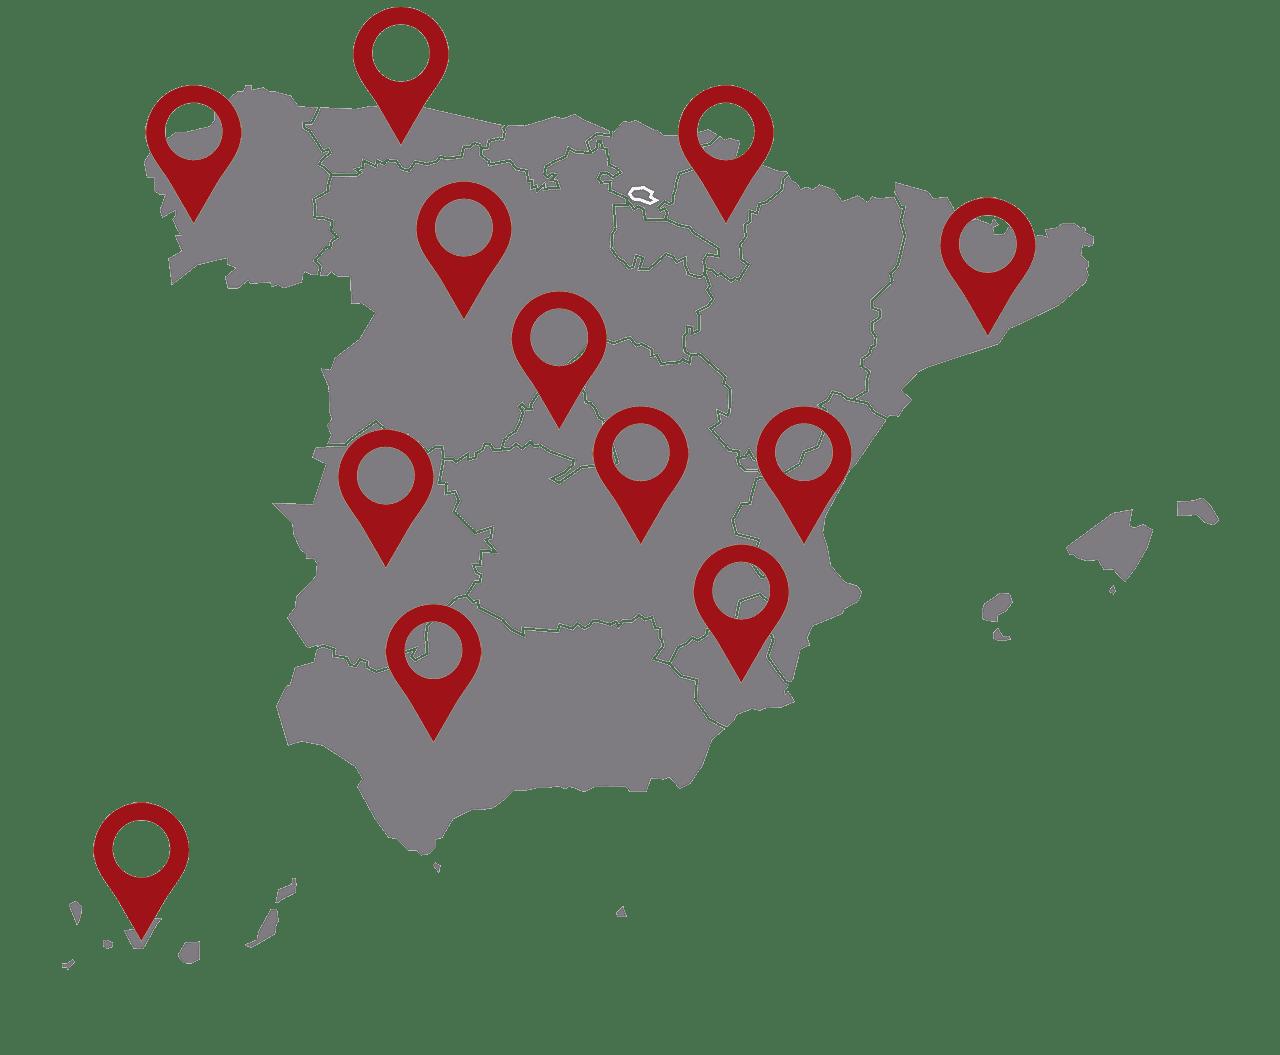 Mapa de delegaciones Eidf Solar 2020